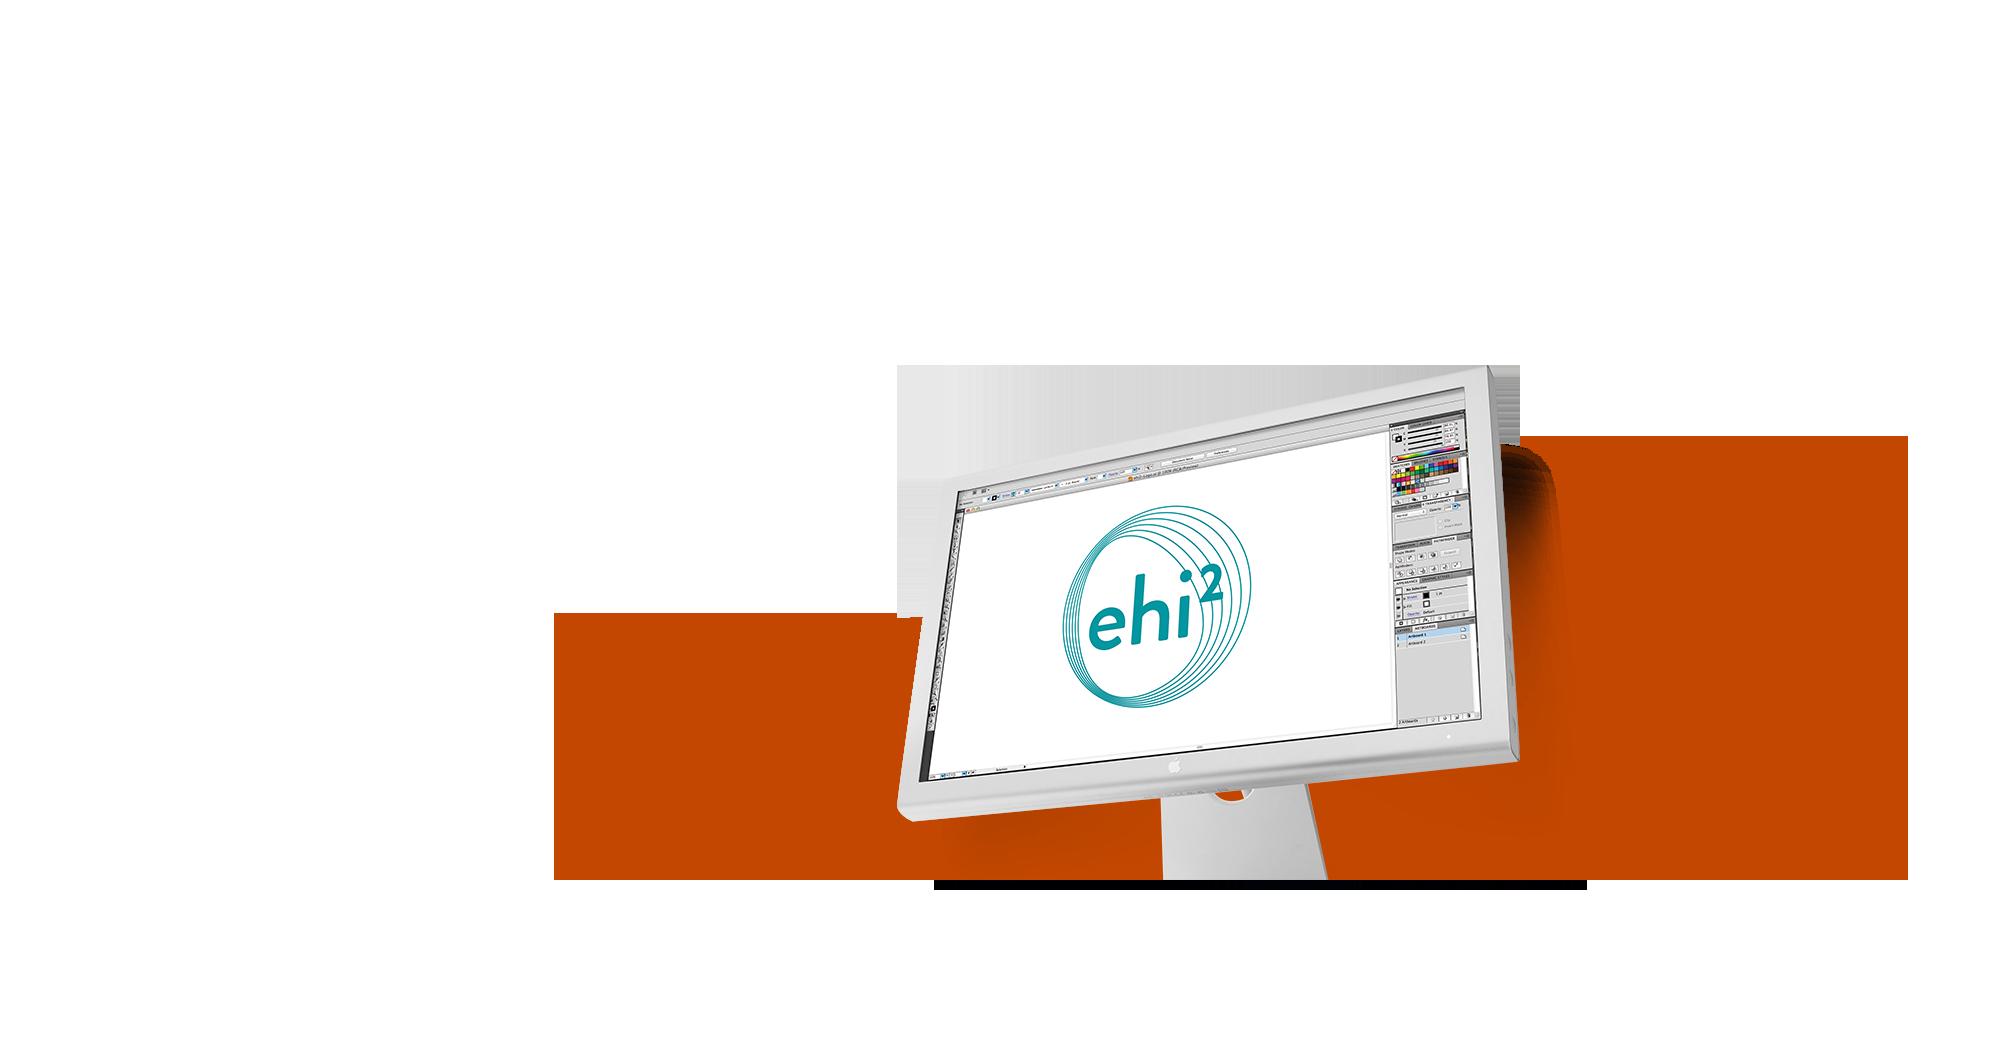 ehi2 logo